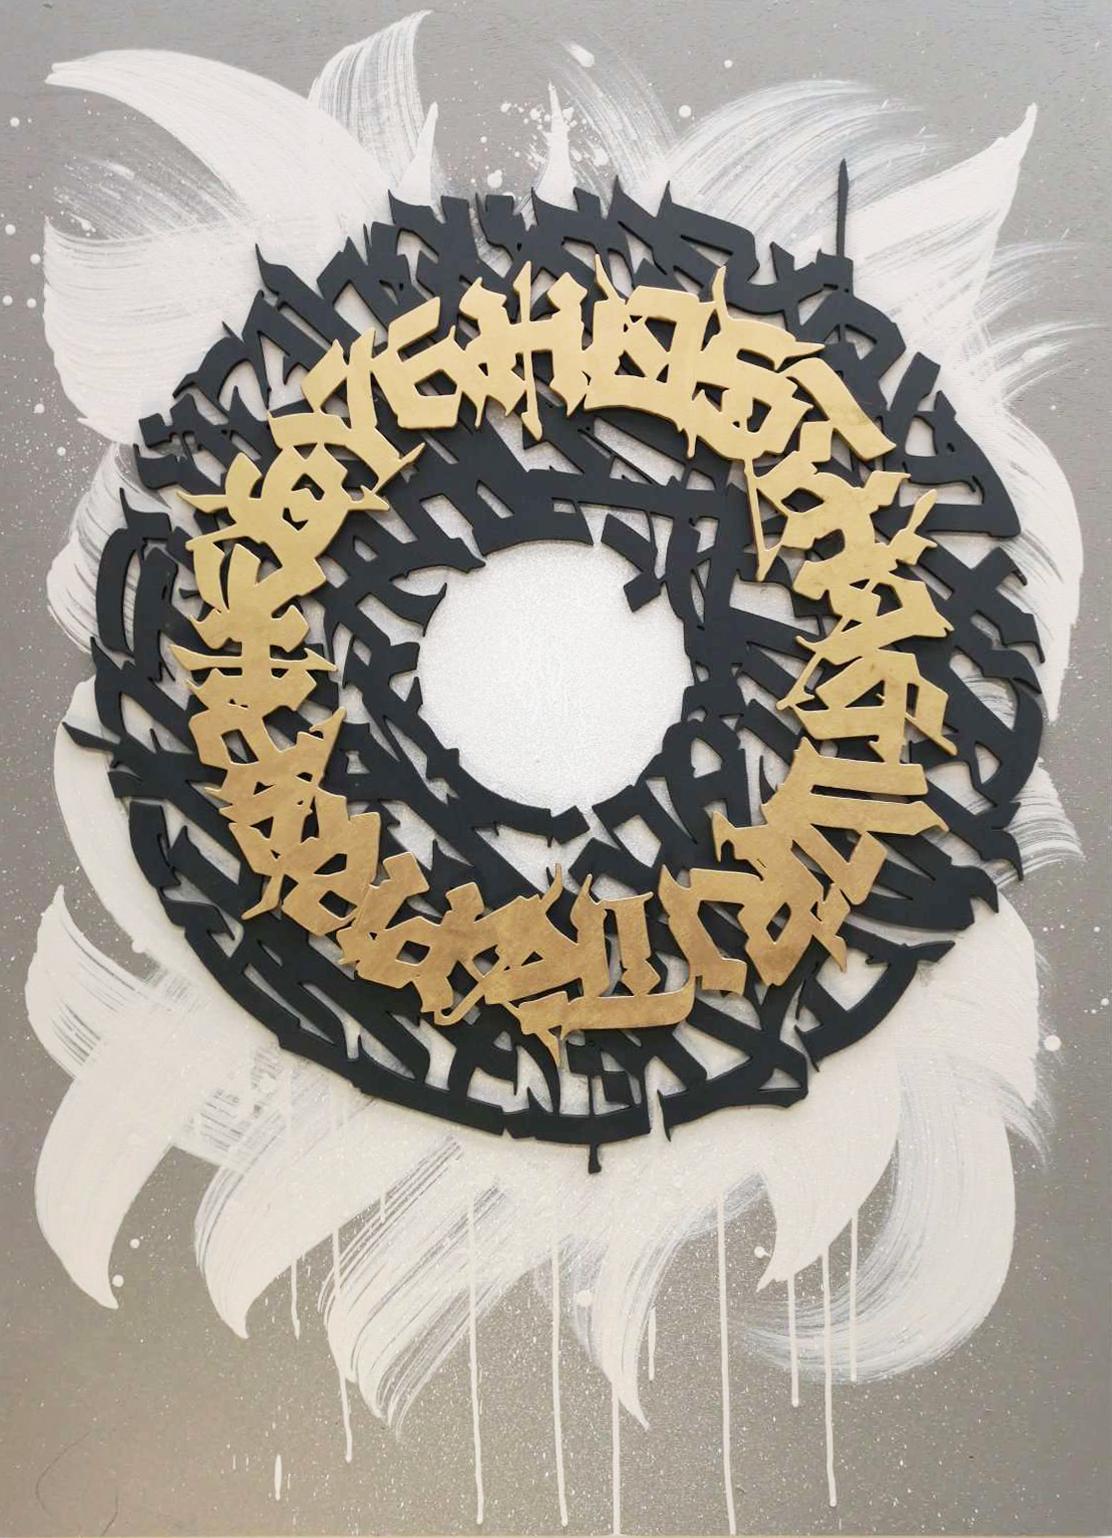 Obra de caligrafía en 3d del artista contemporáneo mexicano Said Dokins